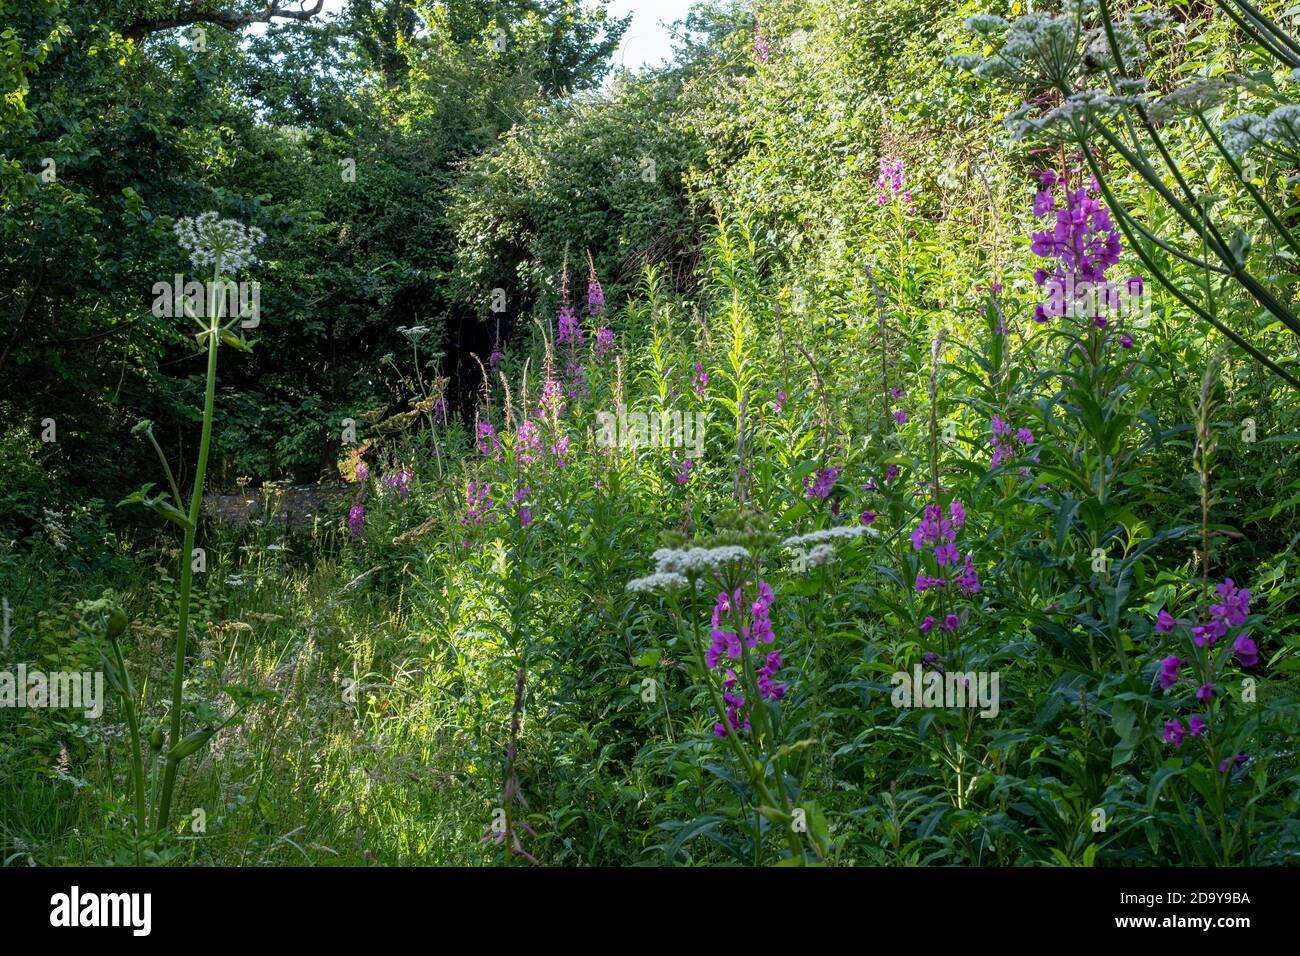 Rosebay Willowherb, Chamerion angustifolium Stock Photo